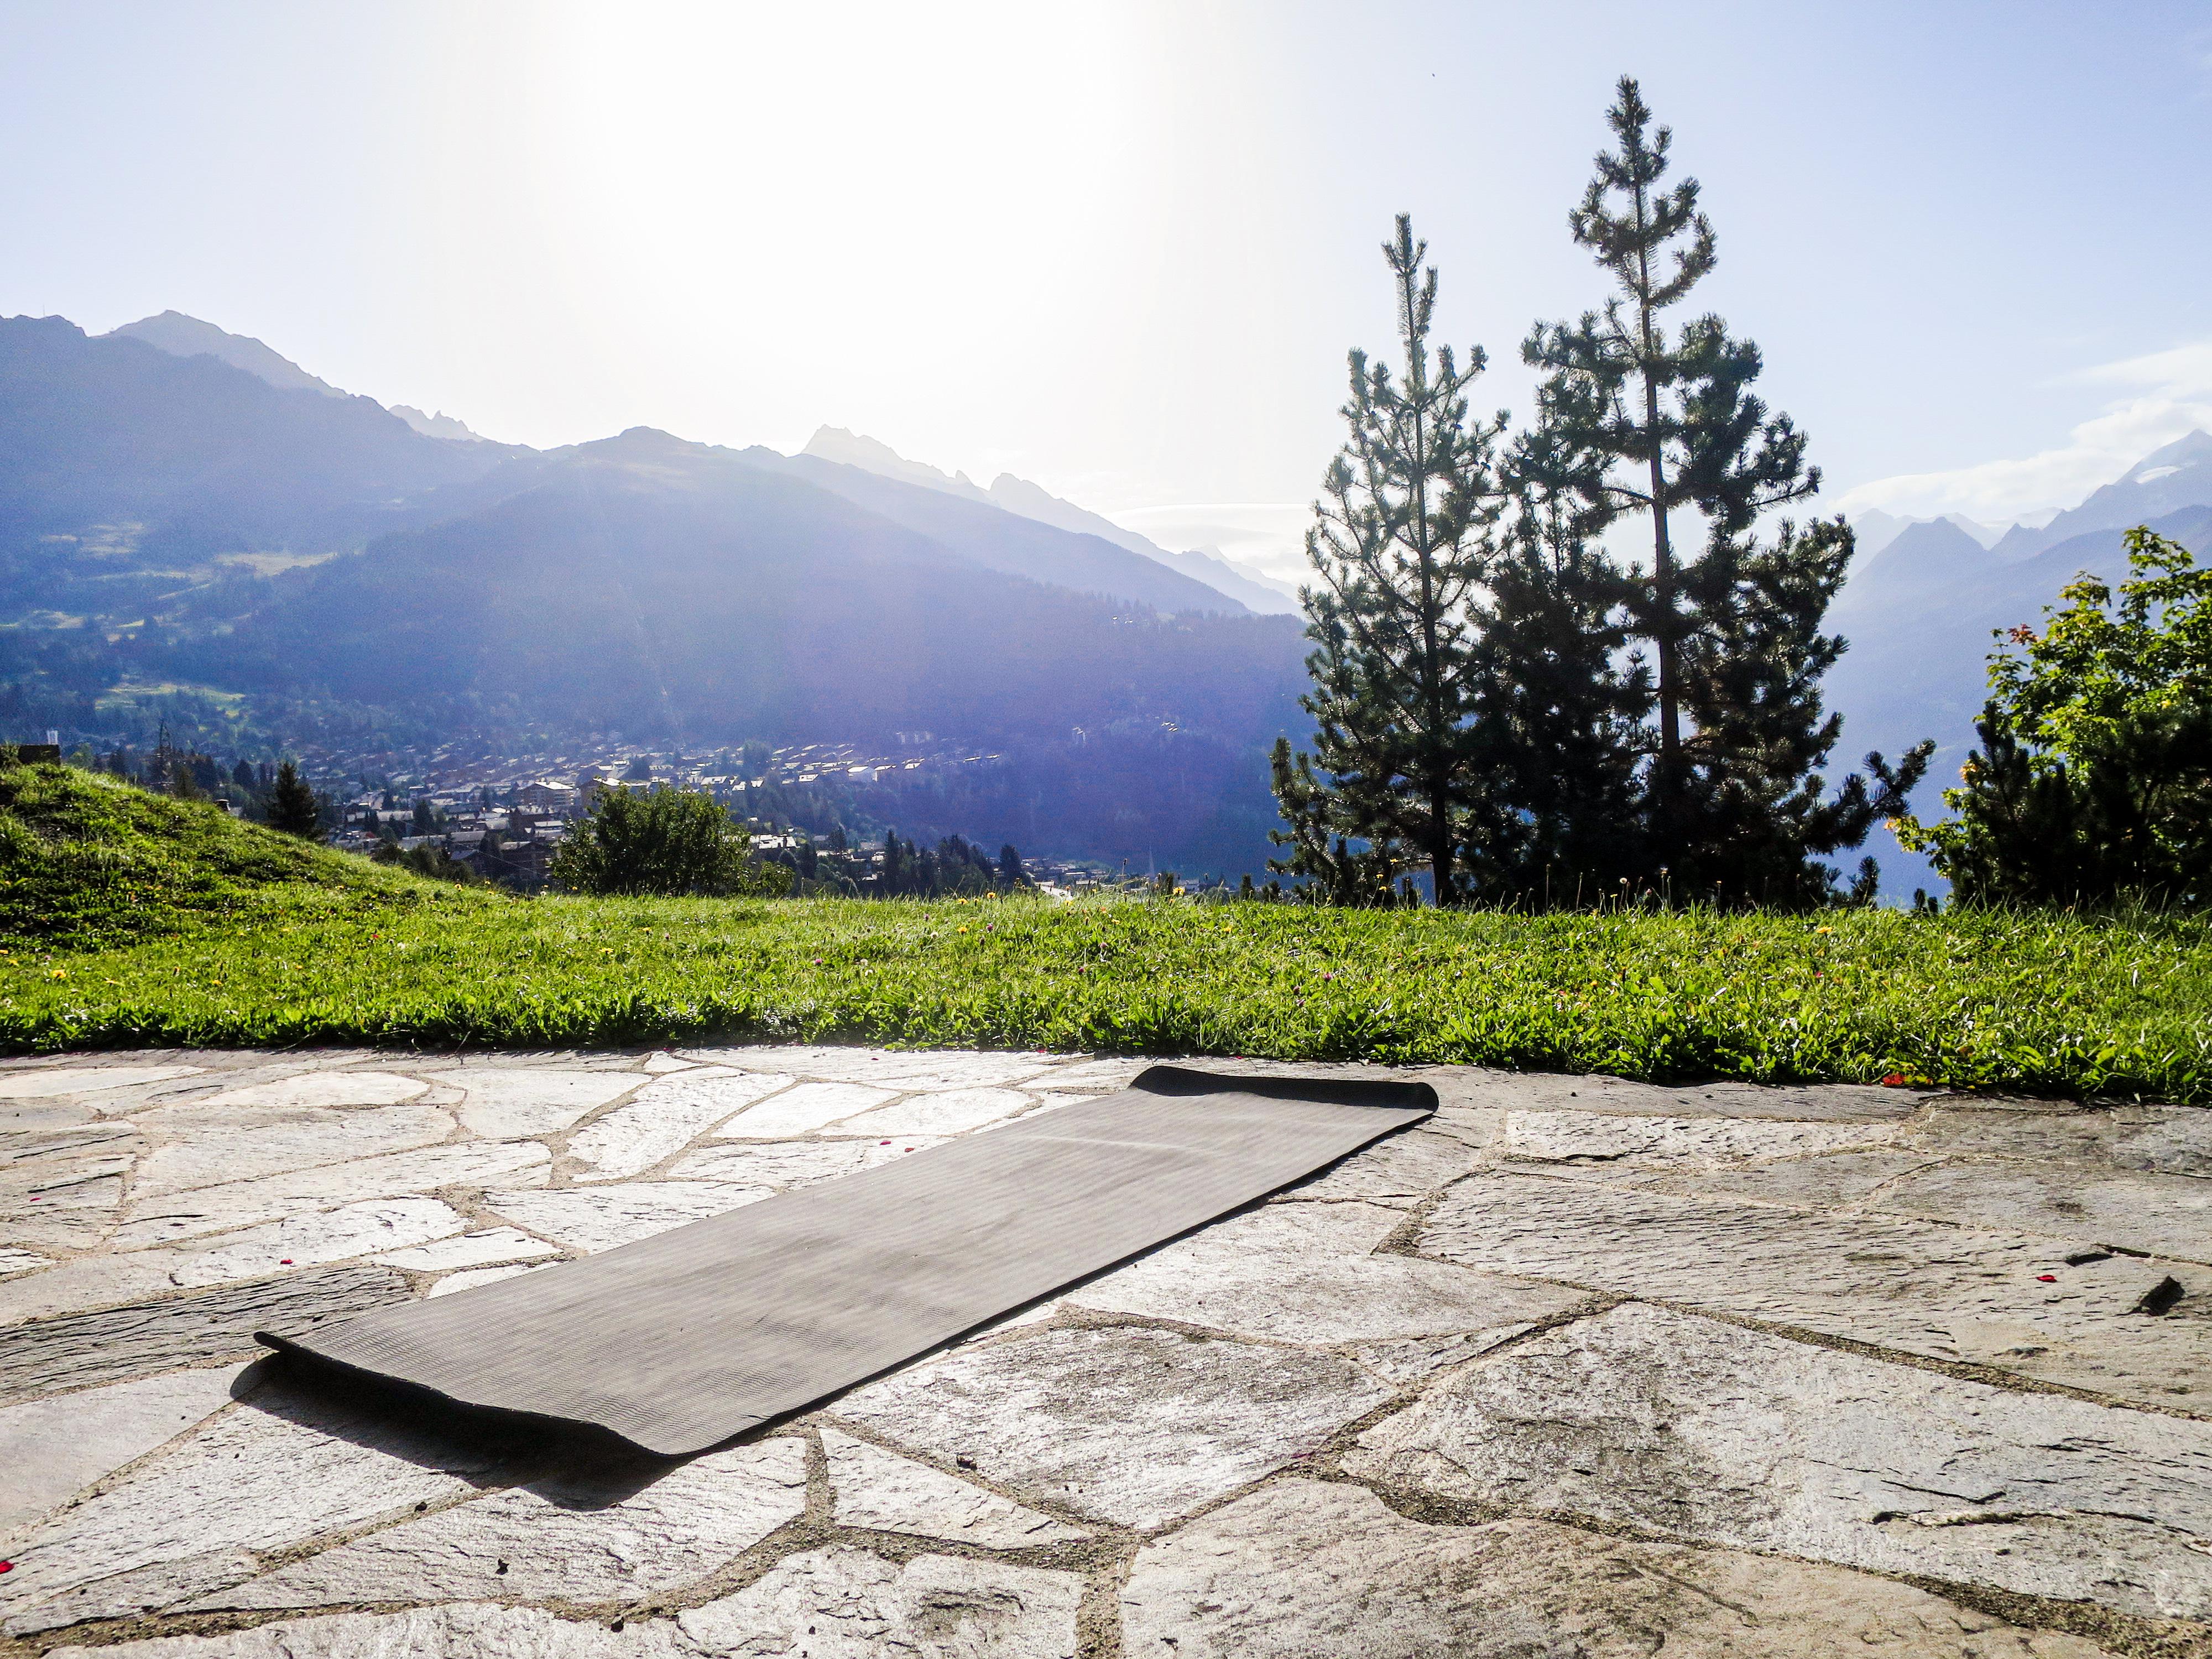 Yogamat in de bergen